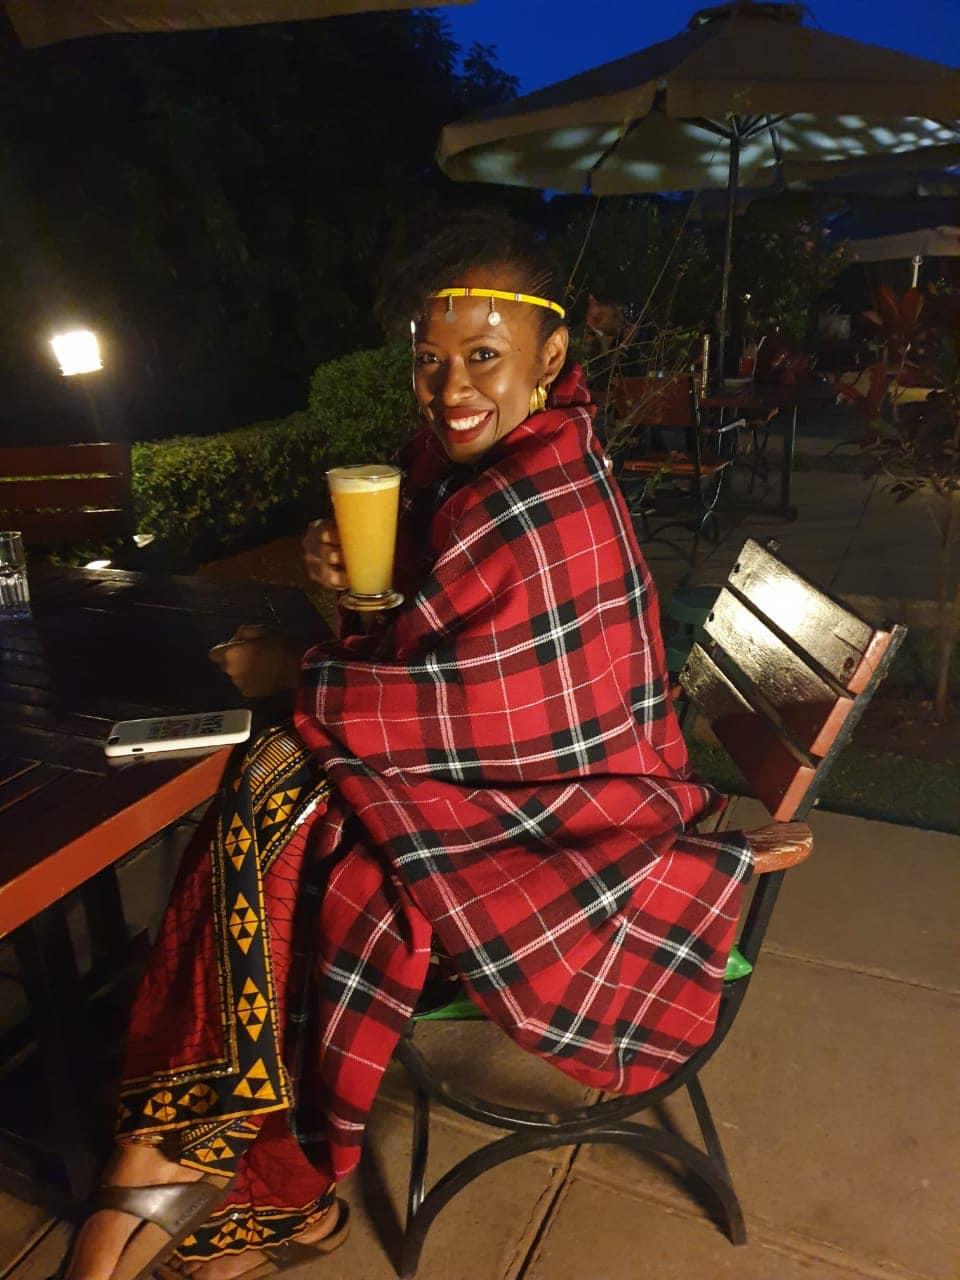 Nairobi-kenya-travel-eat-see-do-vickieremoe-72hours-EastAfrica-giraffe-shopping-TV38.jpg